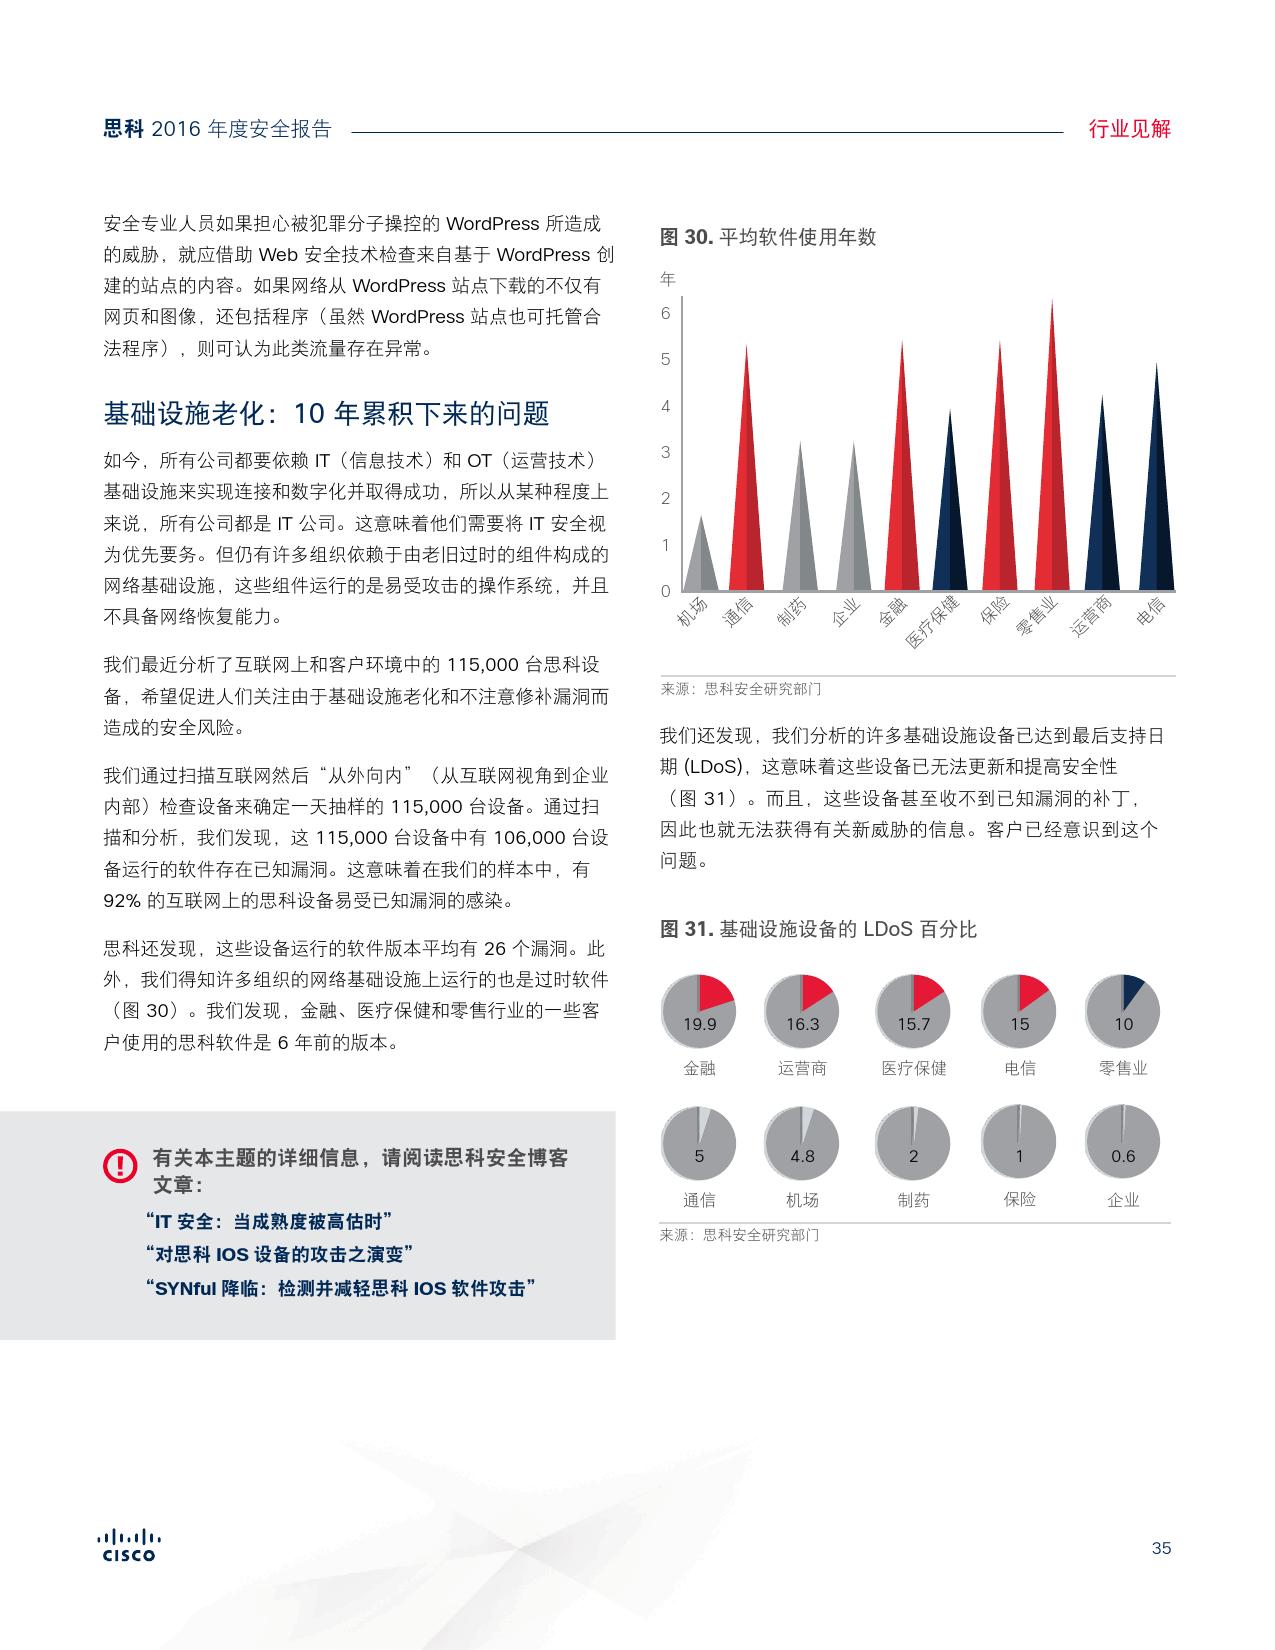 2016年中网络安全报告_000035